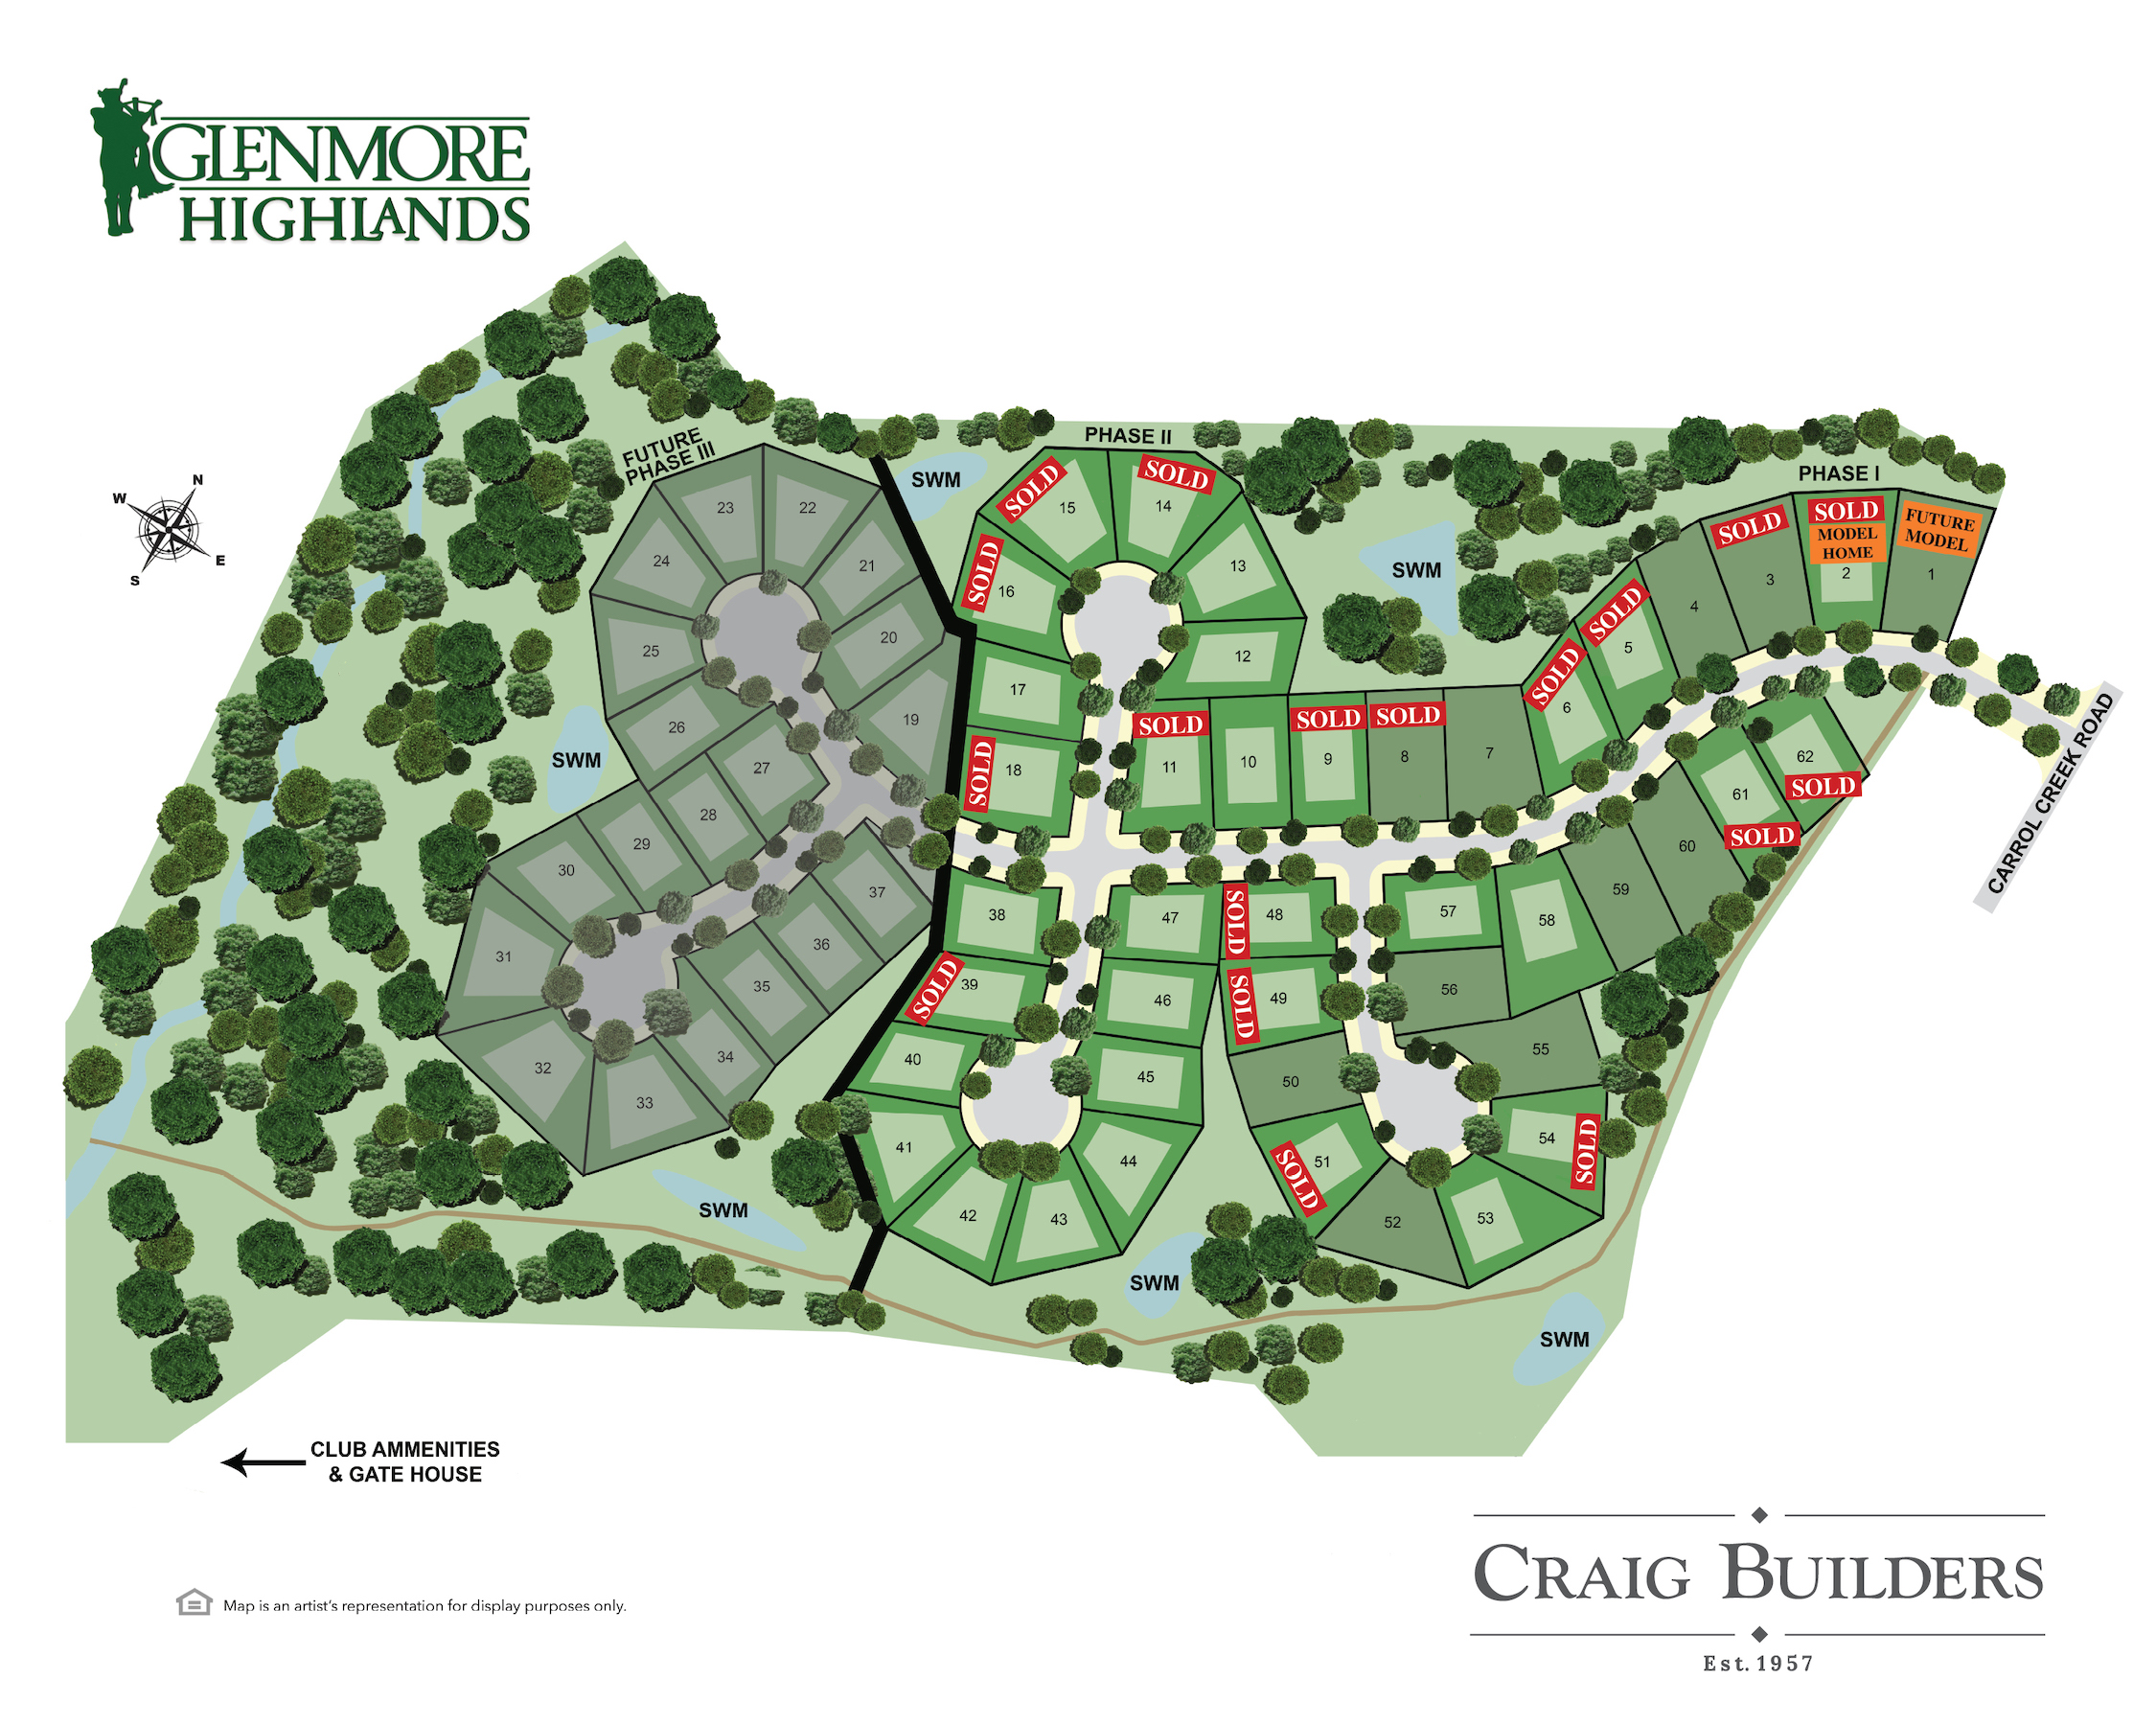 Image 4 - Craig Builders home in Glenmore (albemarle)